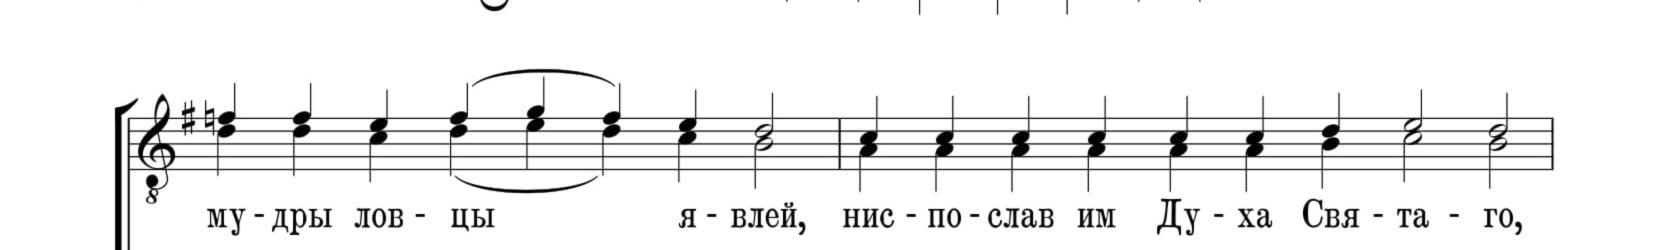 Бог Господь и Тропарь Пятидесятницы (Валаамское)